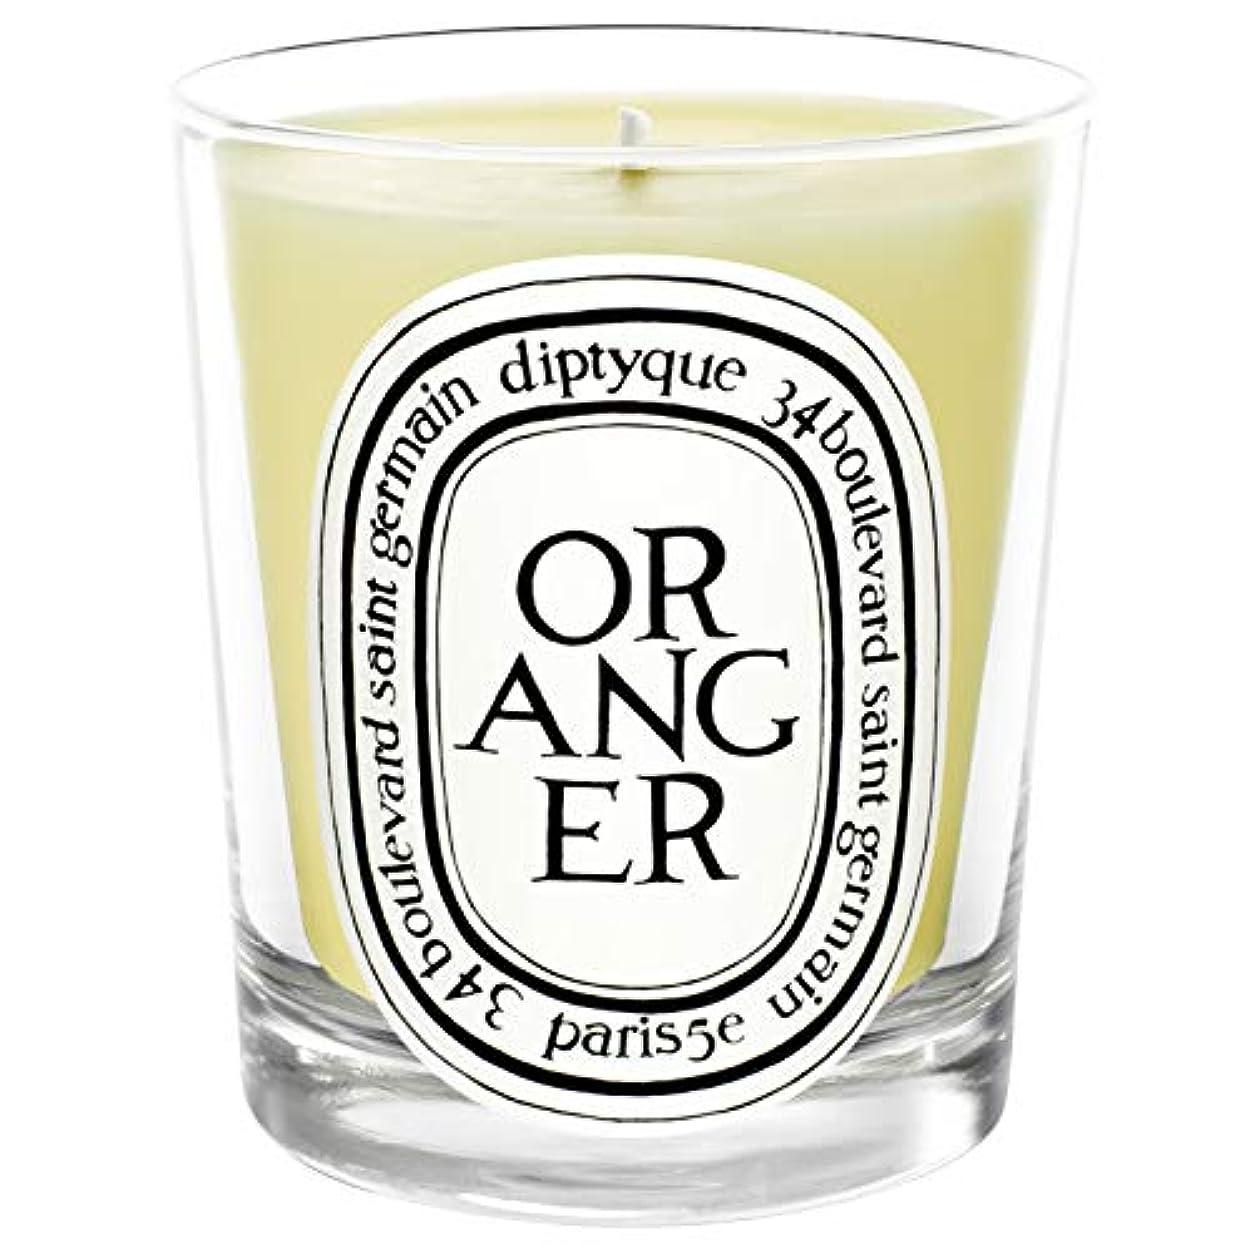 炭水化物代表する食品[Diptyque] Diptyqueのオランジェ香りのキャンドル190グラム - Diptyque Oranger Scented Candle 190g [並行輸入品]